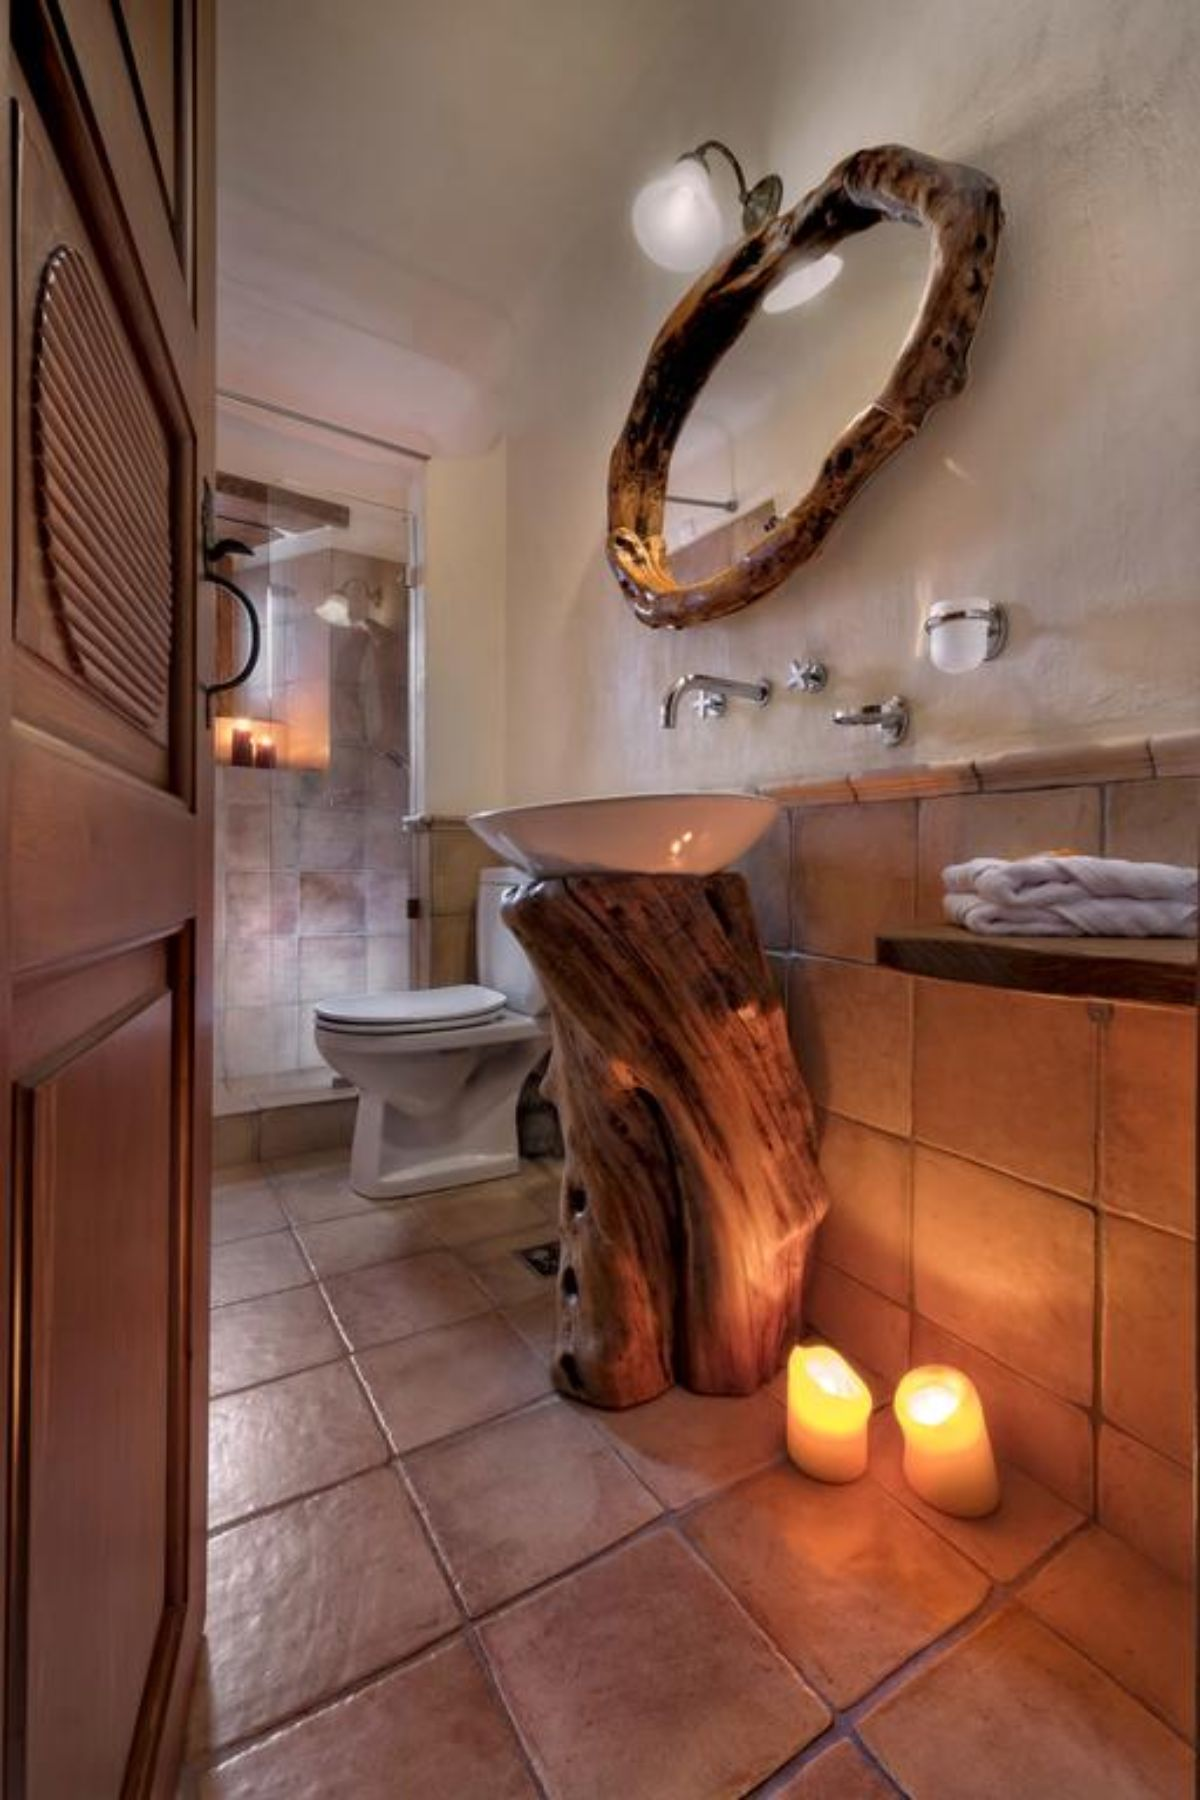 Αρχοντικό Σακαλή μια από τις κρεβατοκάμαρες ιδιαιτερο μπάνιο